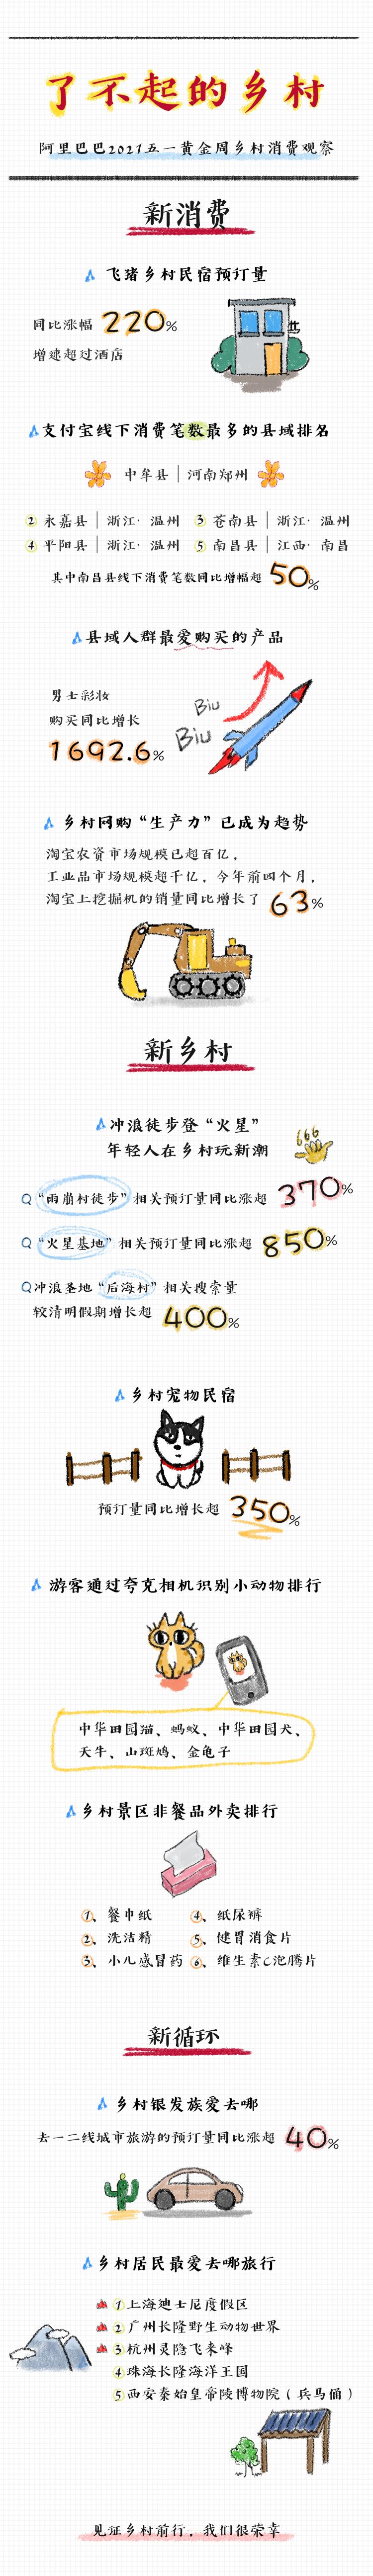 """""""新热土""""——阿里巴巴2021五一黄金周消费观察"""